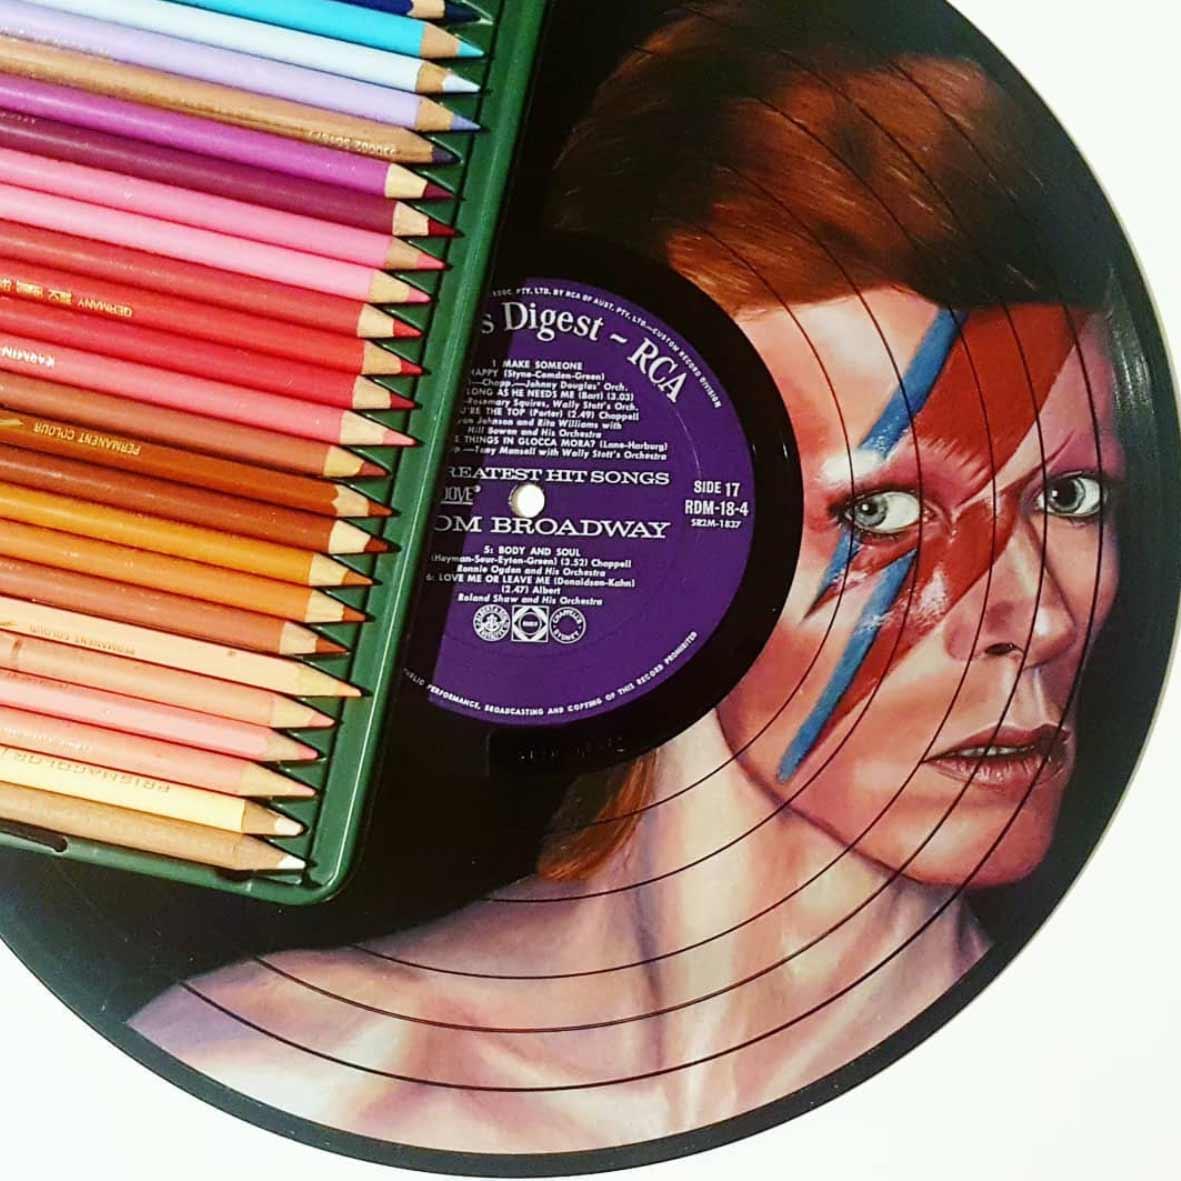 Auf Vinyl-Platten gemalte Musiker-Portraits